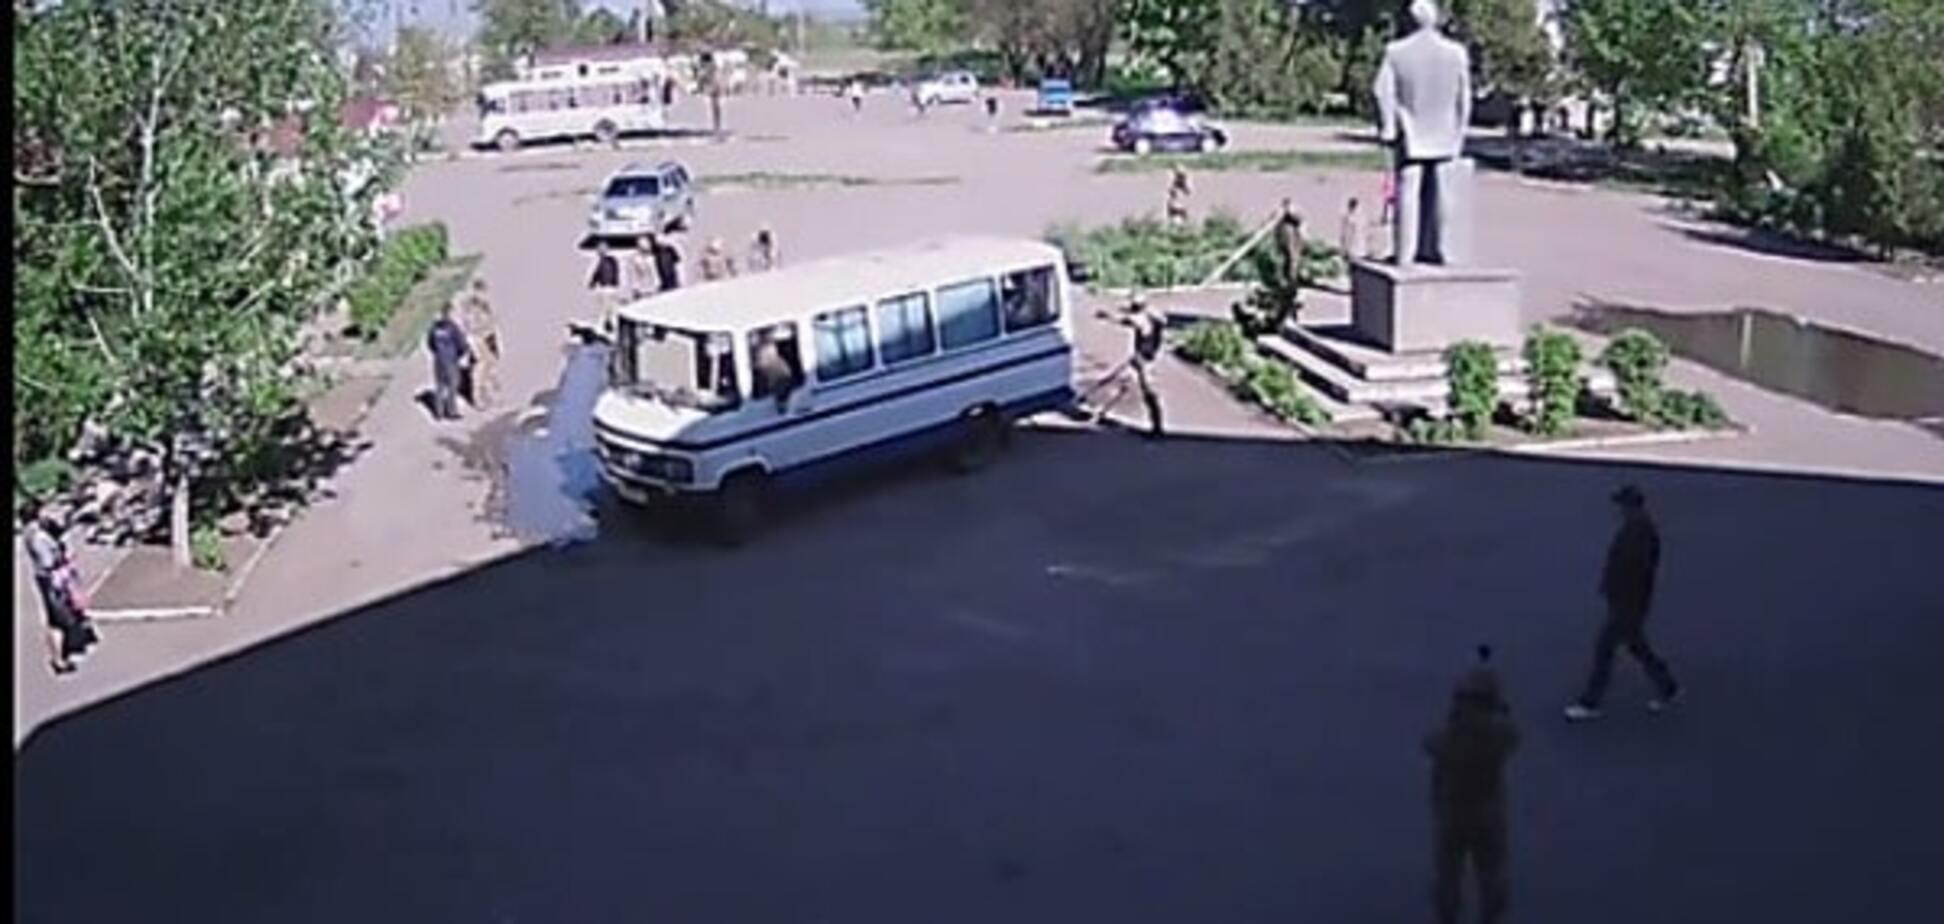 Бійка через вождя: в Одеській області бійцям 'Азова' не дали знести пам'ятник Леніну